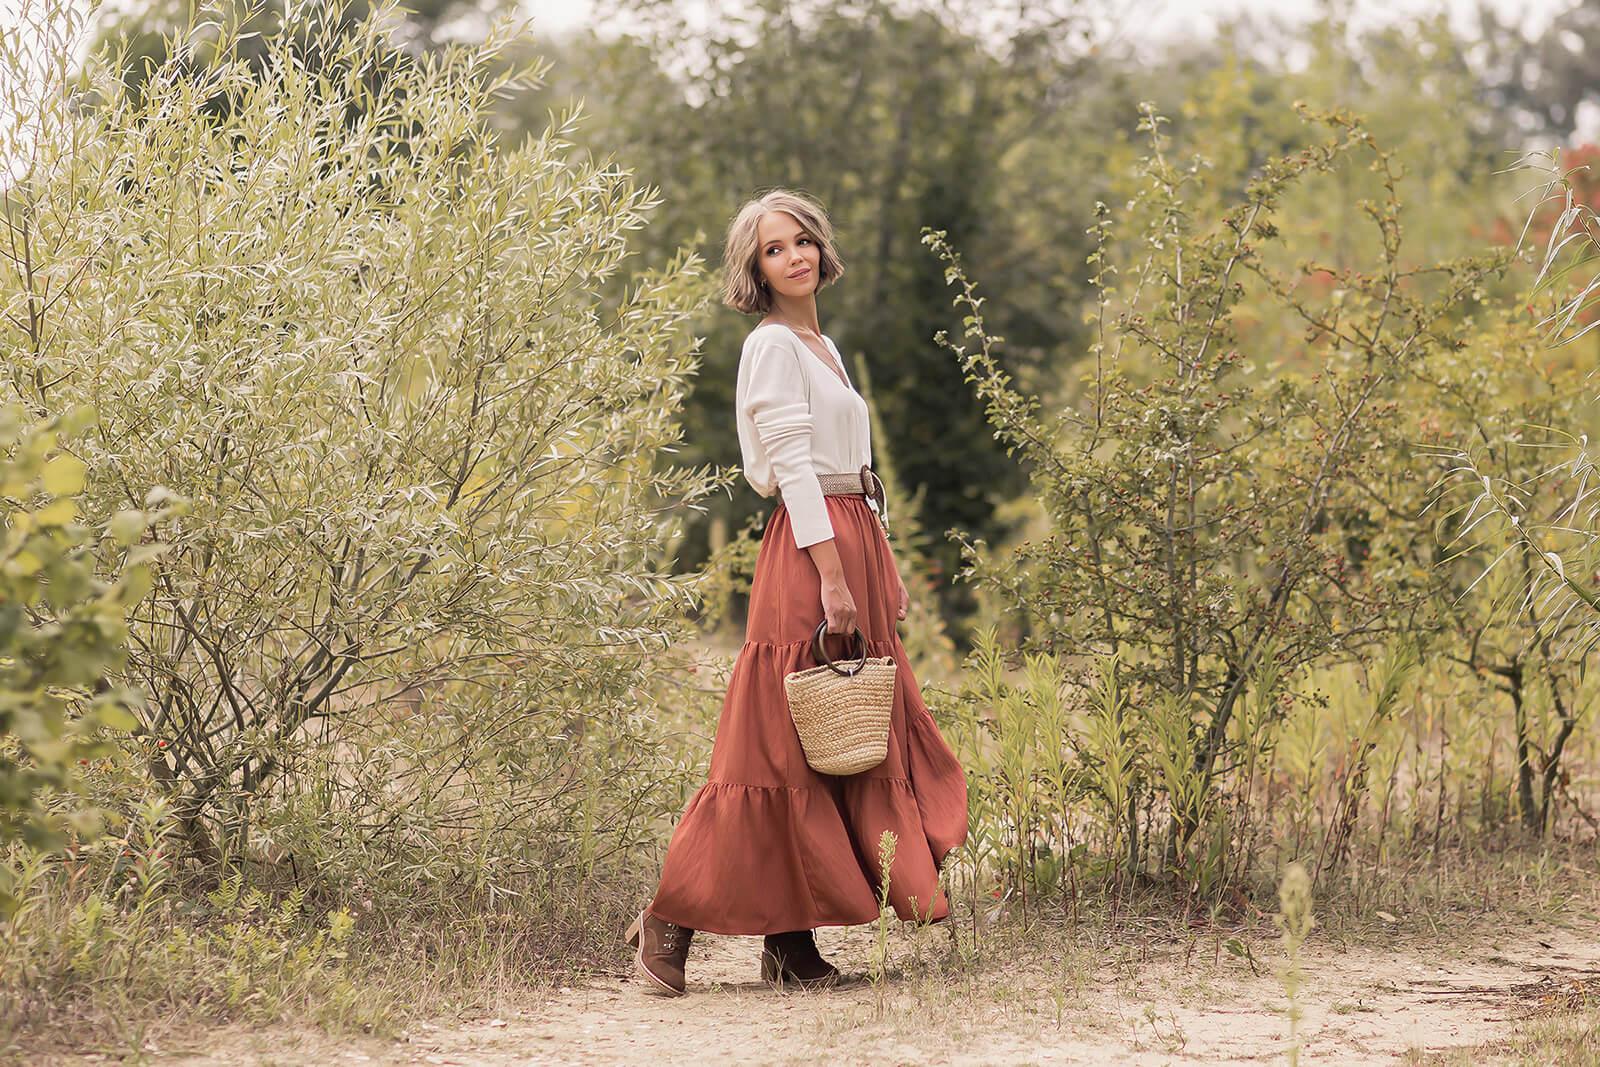 Maxiröcke im Herbst kombinieren, Herbstoutfit mit Rock und Stiefeletten, Shoelove by Deichmann